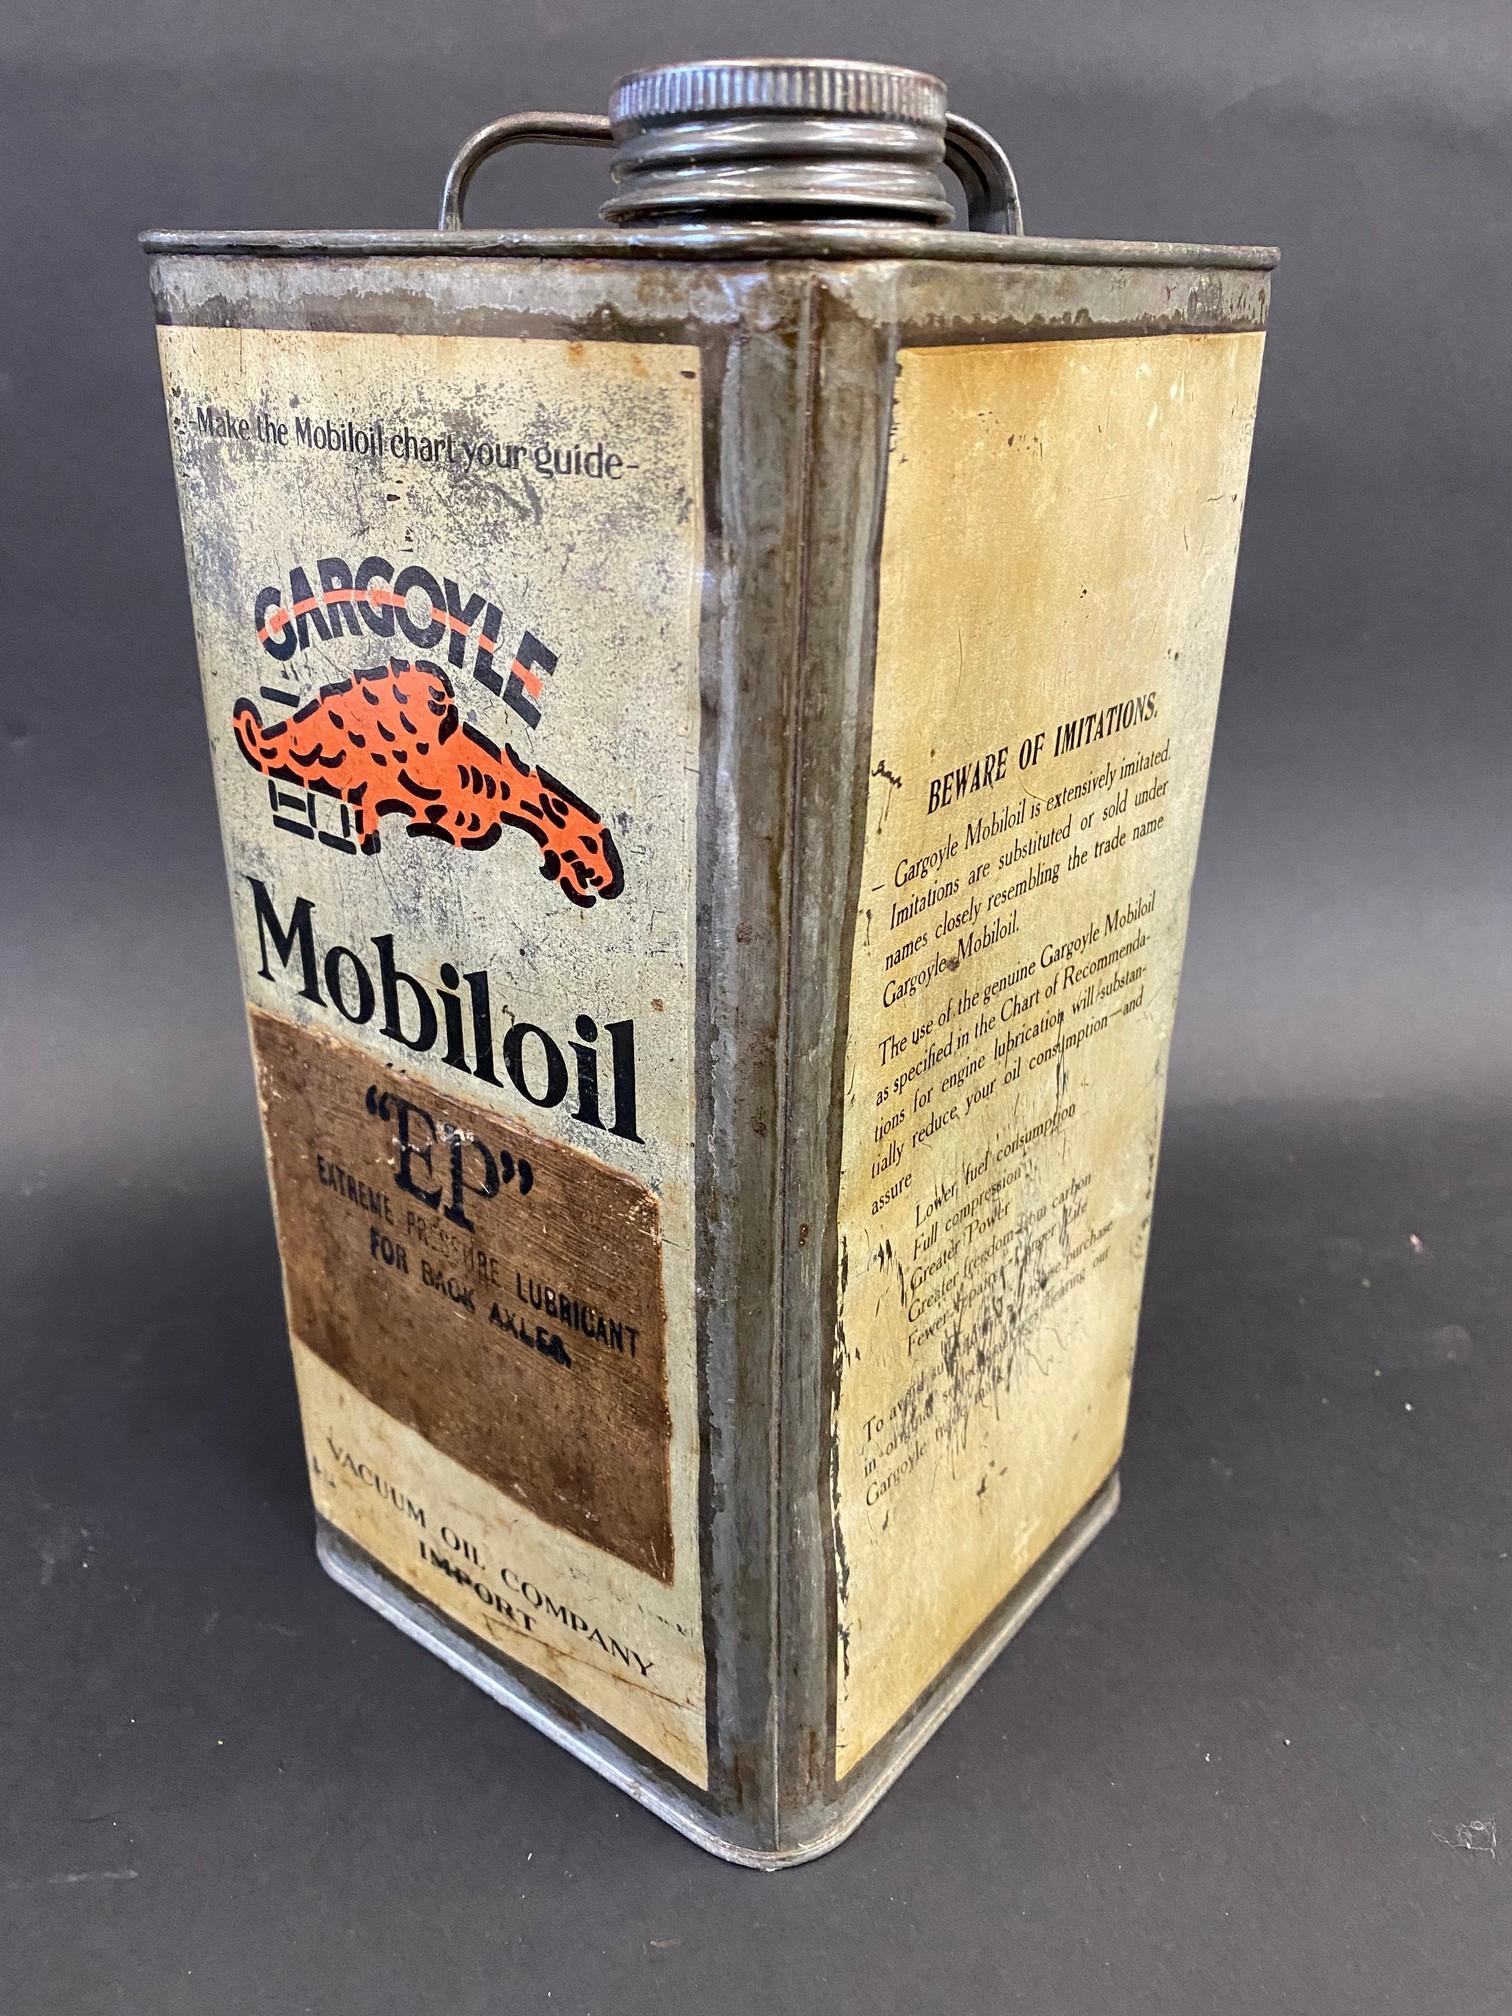 A Gargoyle Mobiloil E.P. grade (Extreme Pressure Lubricant) square gallon can. - Image 2 of 4